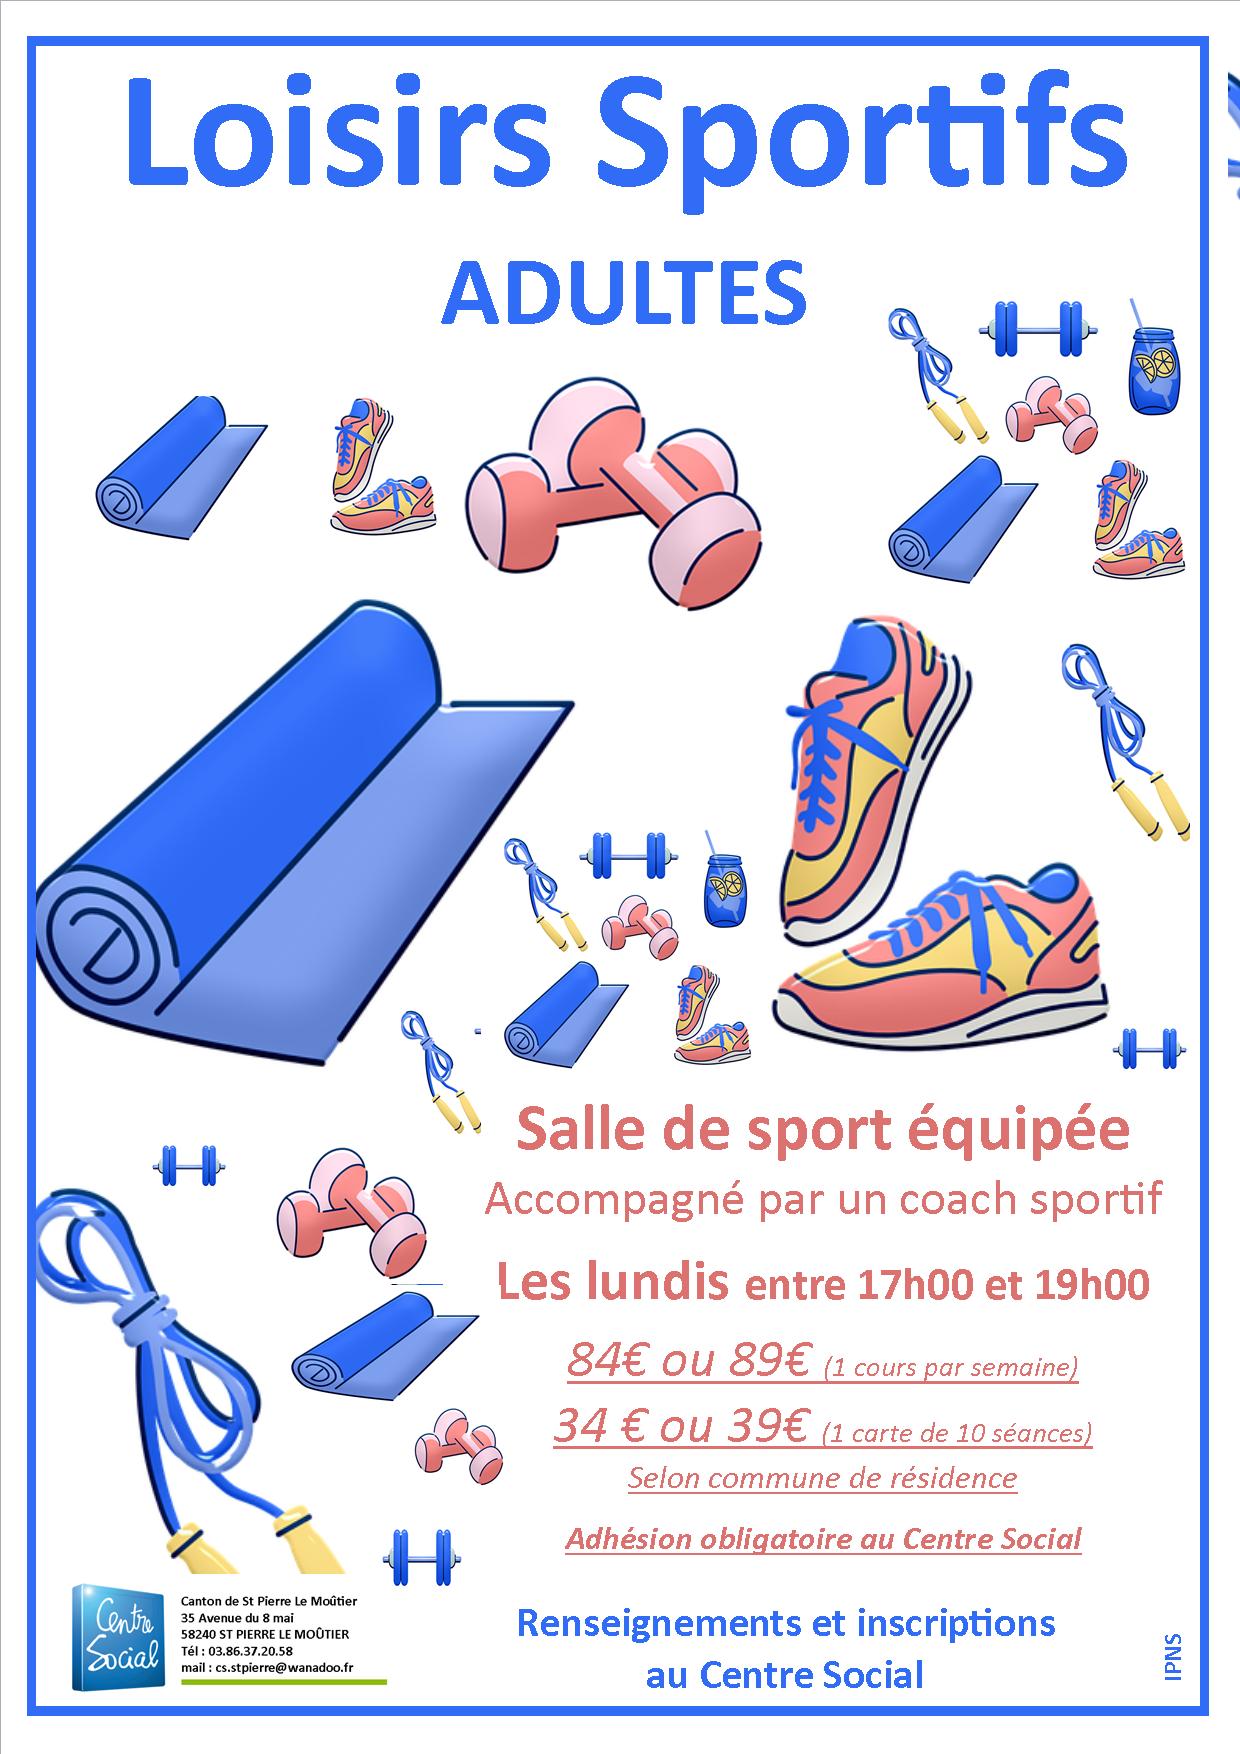 Loisirs sportifs Adultes 2021-2022